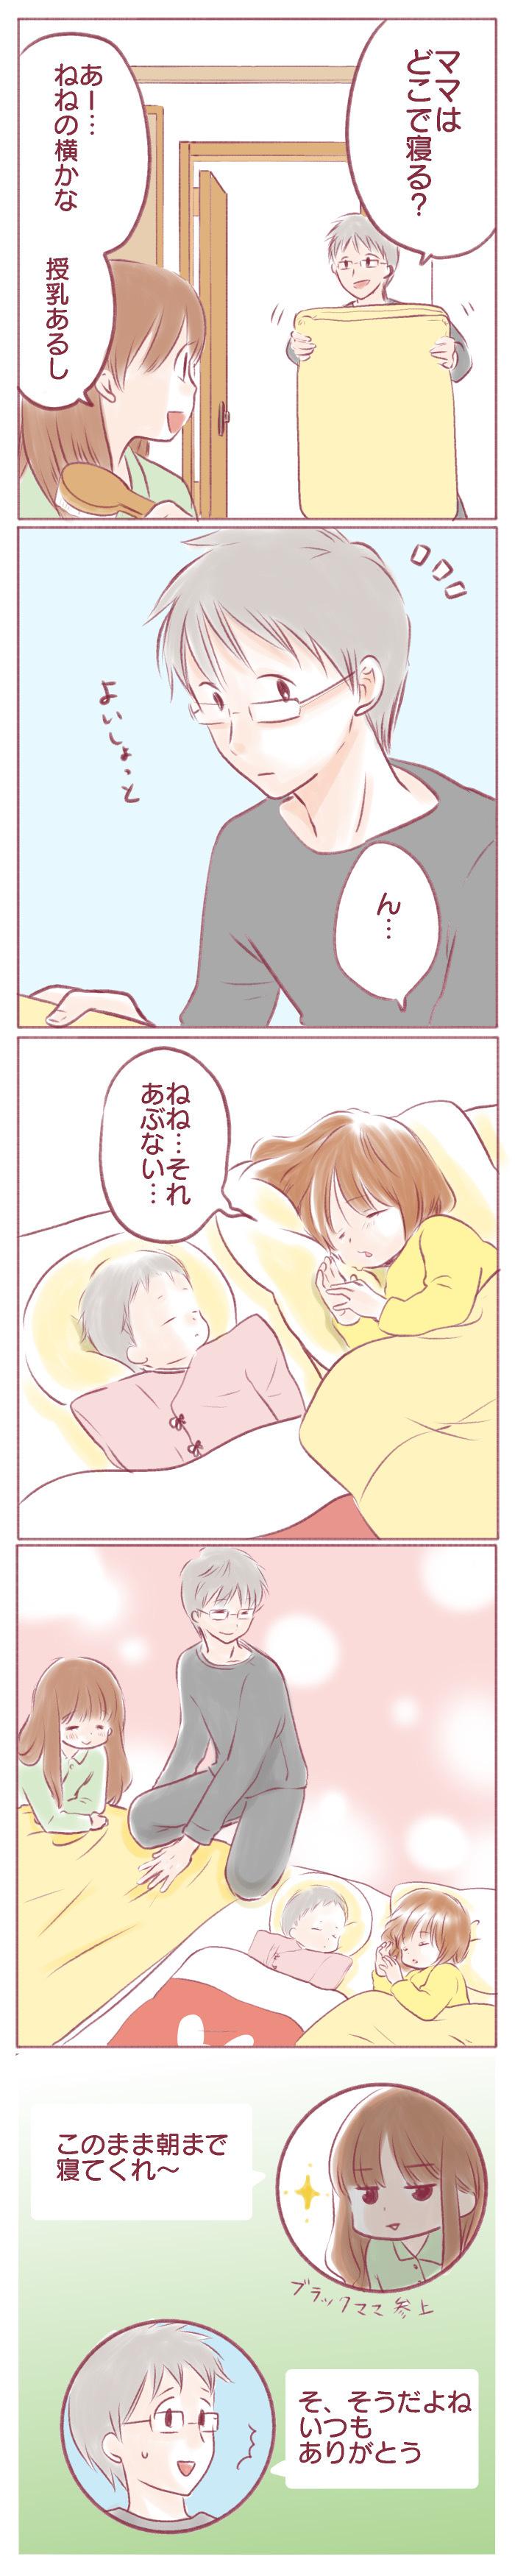 """「ママどこで寝る?」「授乳あるから…」姉妹の寝姿は、""""合理性""""を吹き飛ばす♡の画像1"""